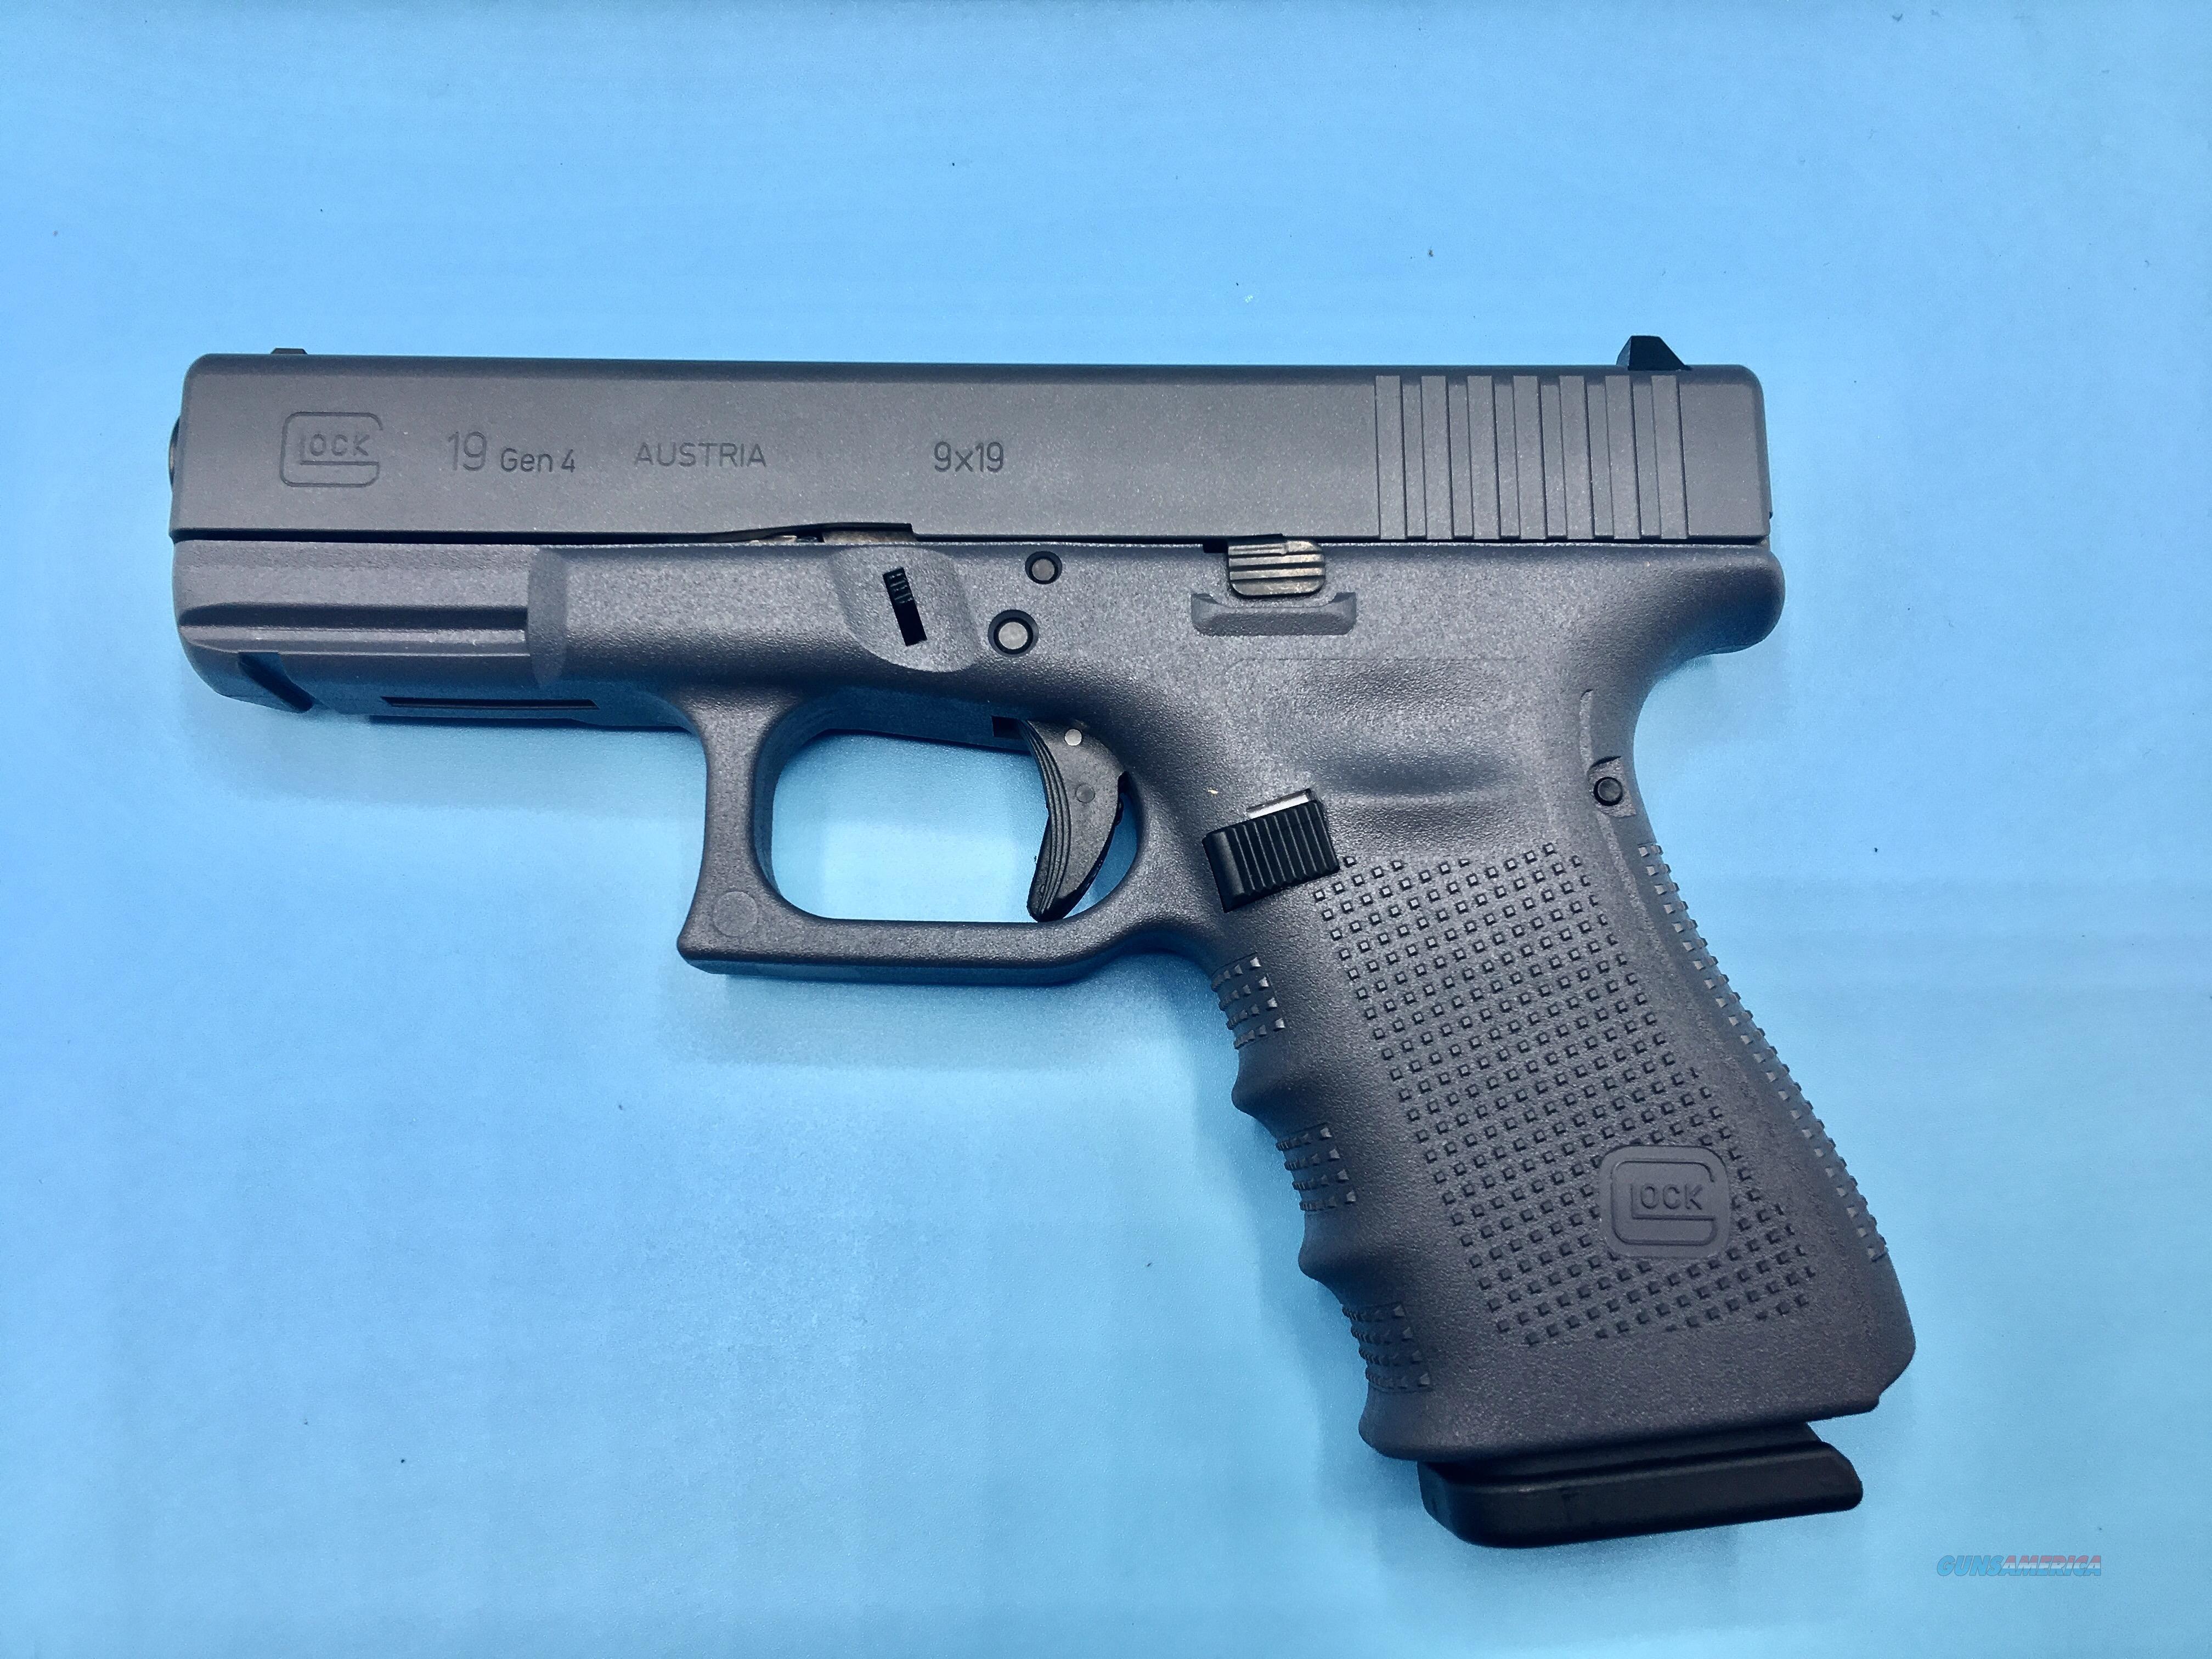 Glock 19 Gen 4 Gray 9mm Handgun Pistol NEW  Guns > Pistols > Glock Pistols > 19